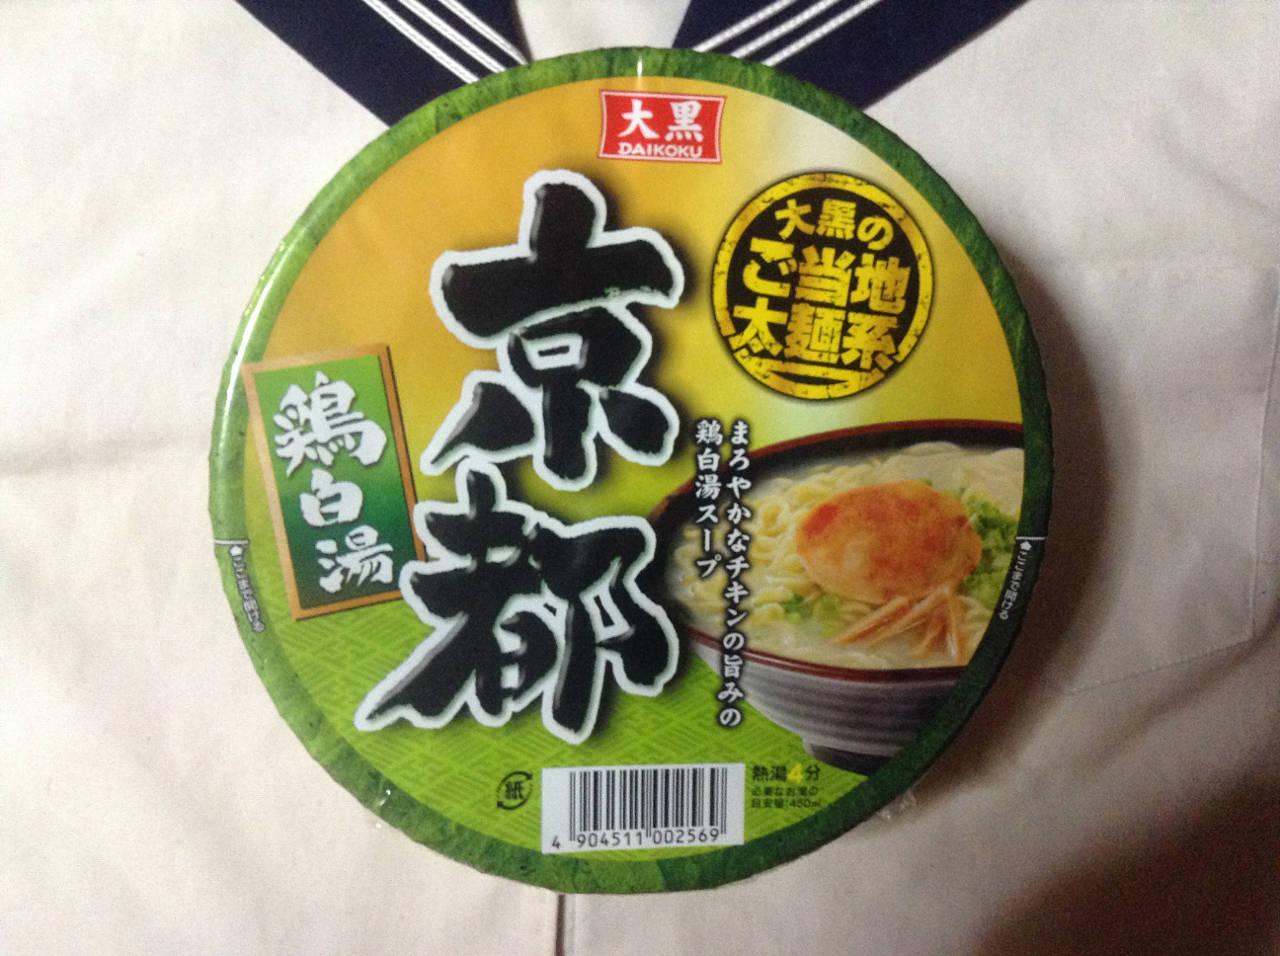 大黒食品 ご当地太麺系 京都鶏白湯 カップラーメン